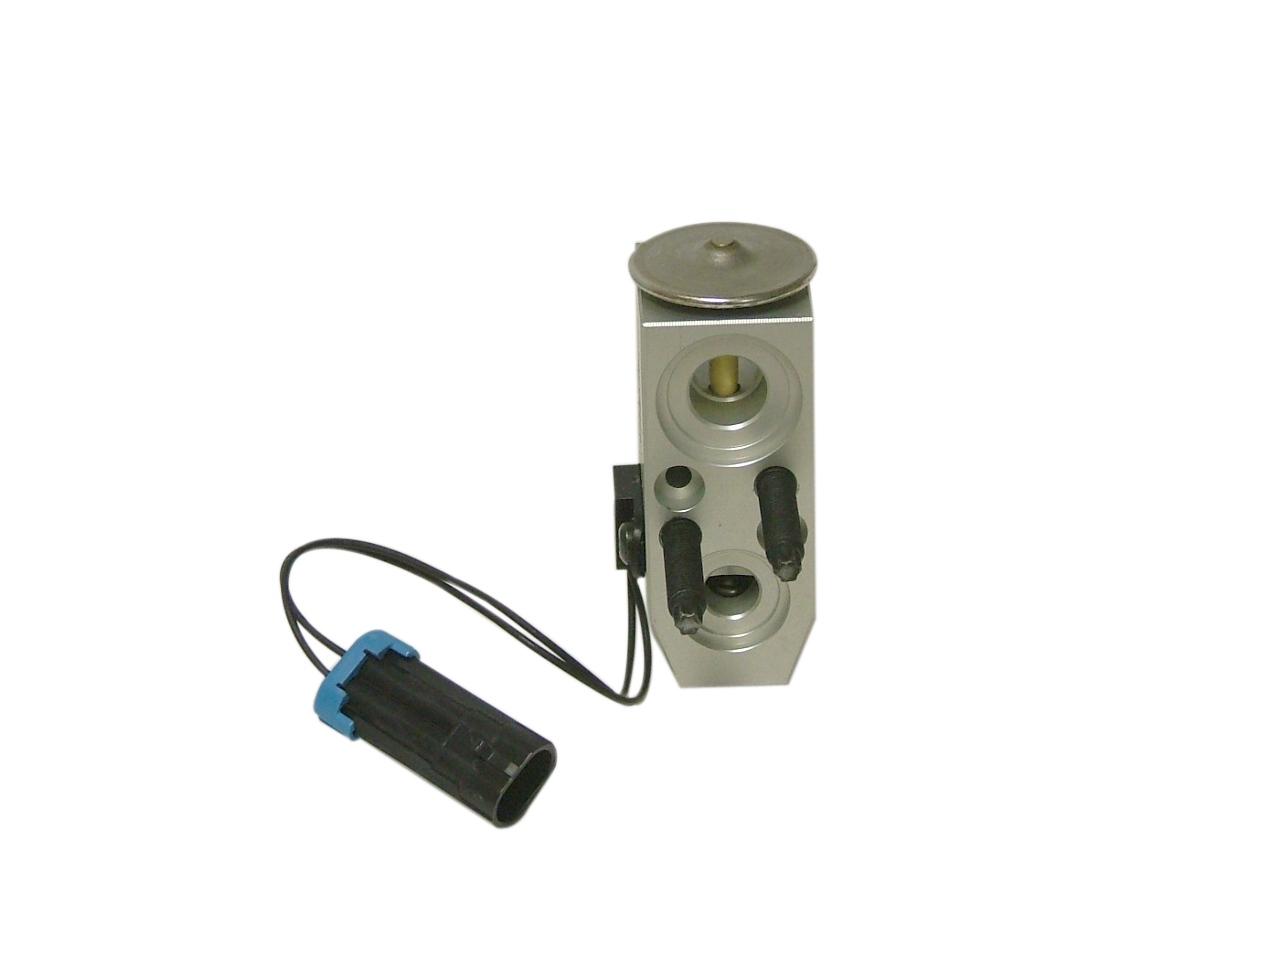 ACDELCO OE SERVICE - AC Evapurolator Termal Expansion Valve Kit - DCB 15-50537